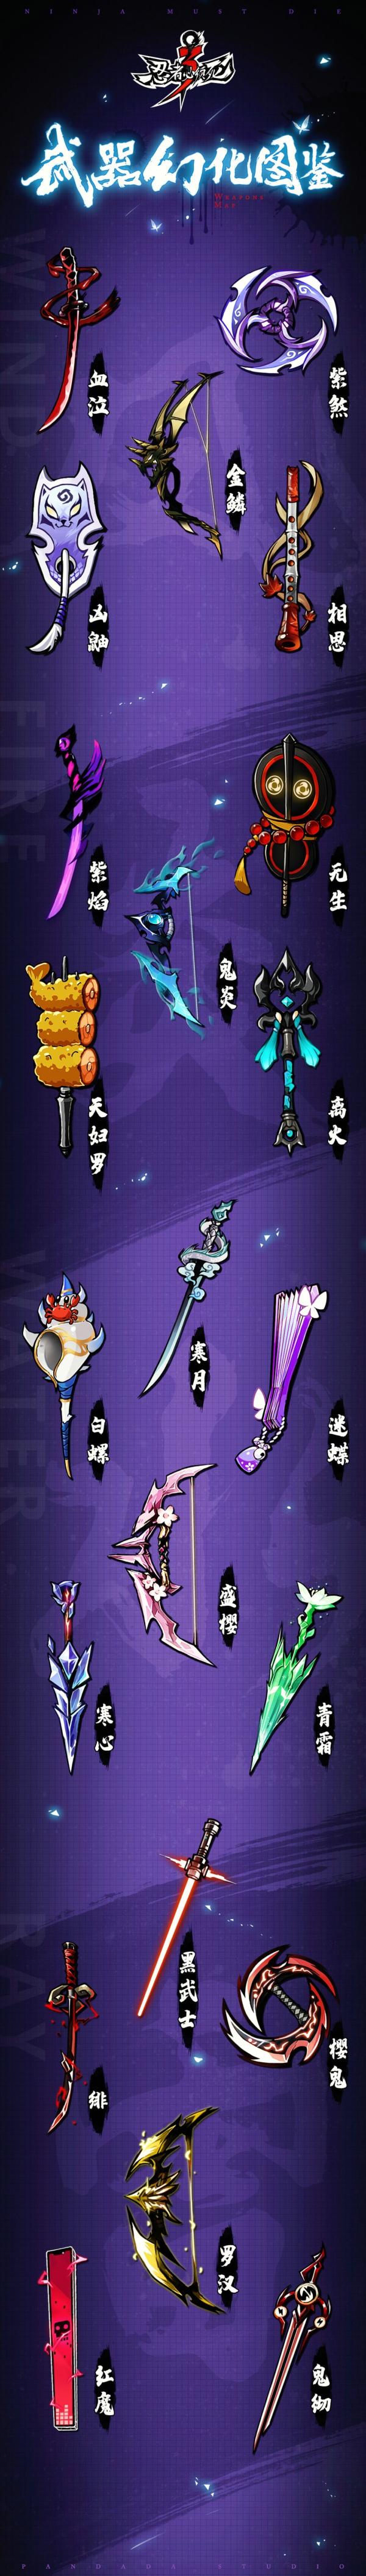 忍者必须死3武器幻化外观怎么样 全武器幻化外观及特效展示图鉴